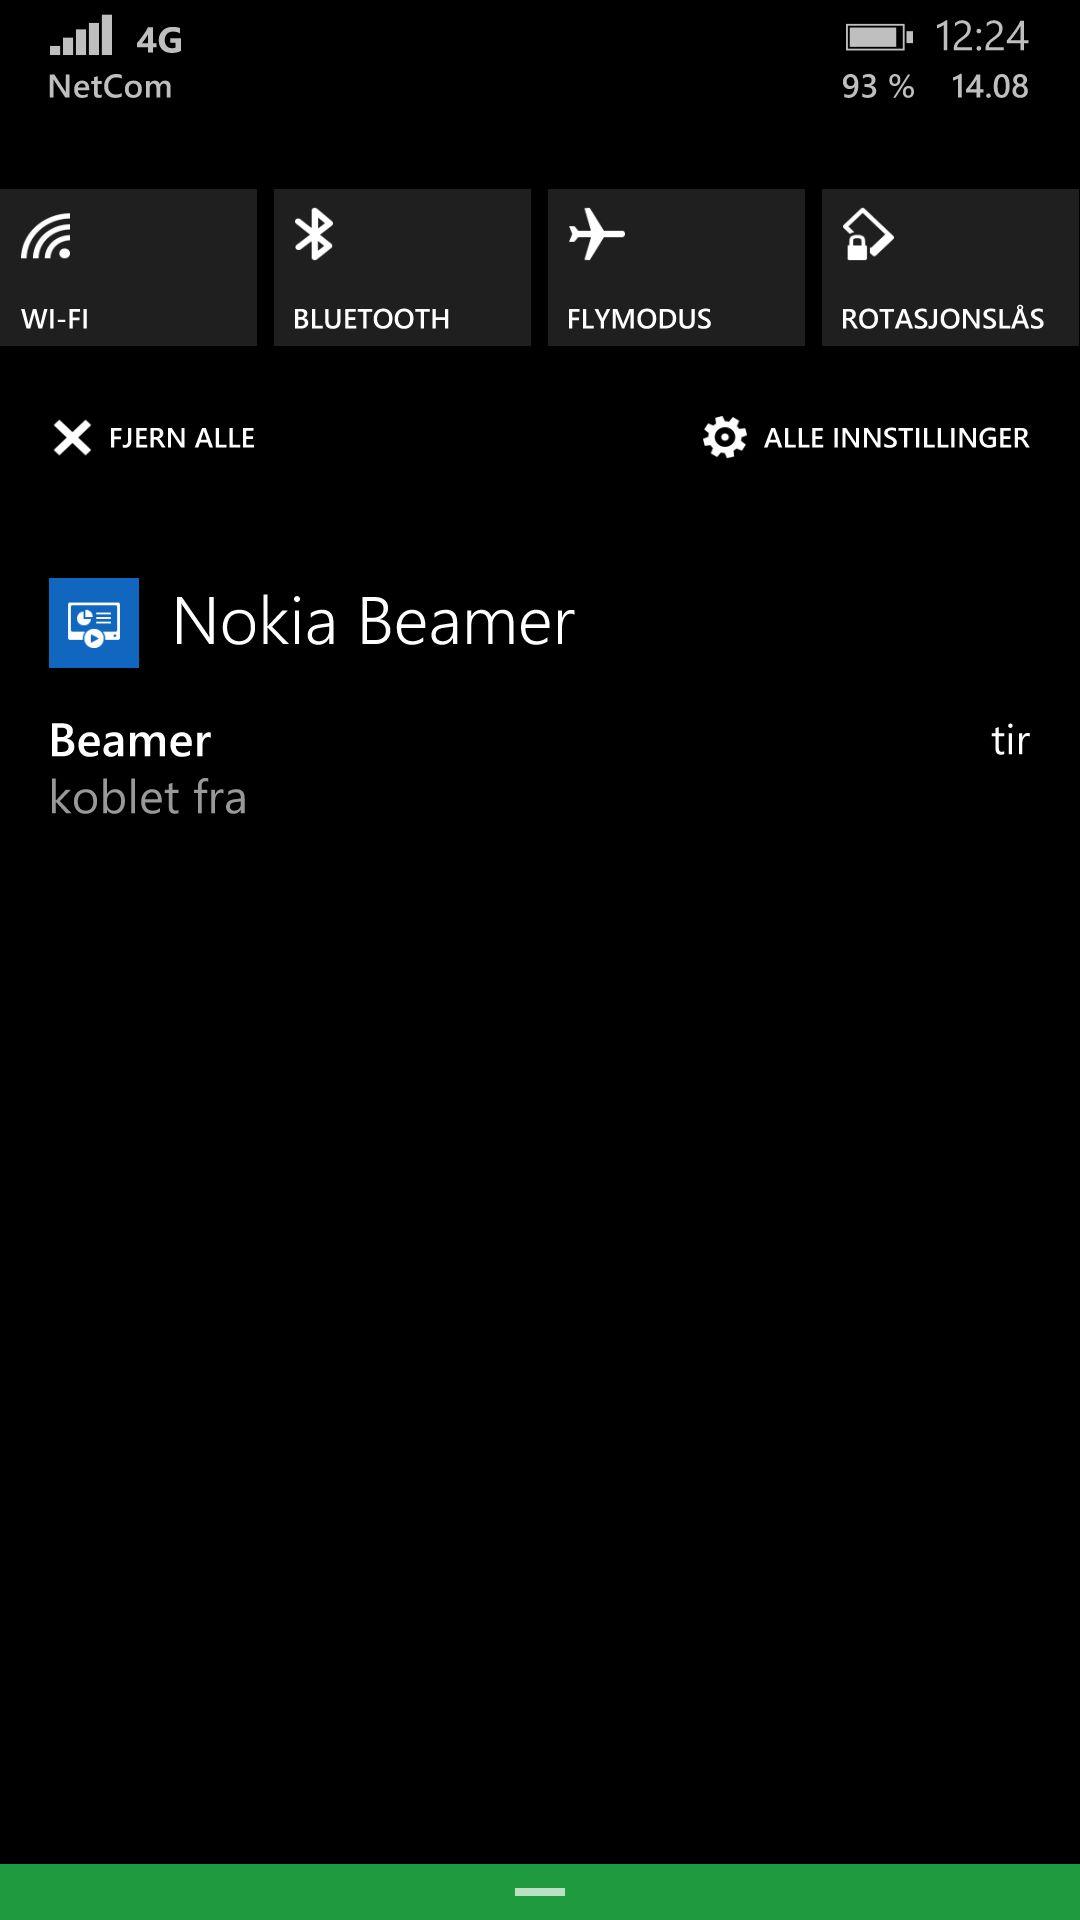 Windows Phone har fått varslingssenter. Det er svært praktisk når du vil ha et overblikk over varslinger, eller kjapp tilgang på enkle innstillinger.Foto: Finn Jarle Kvalheim, Amobil.no